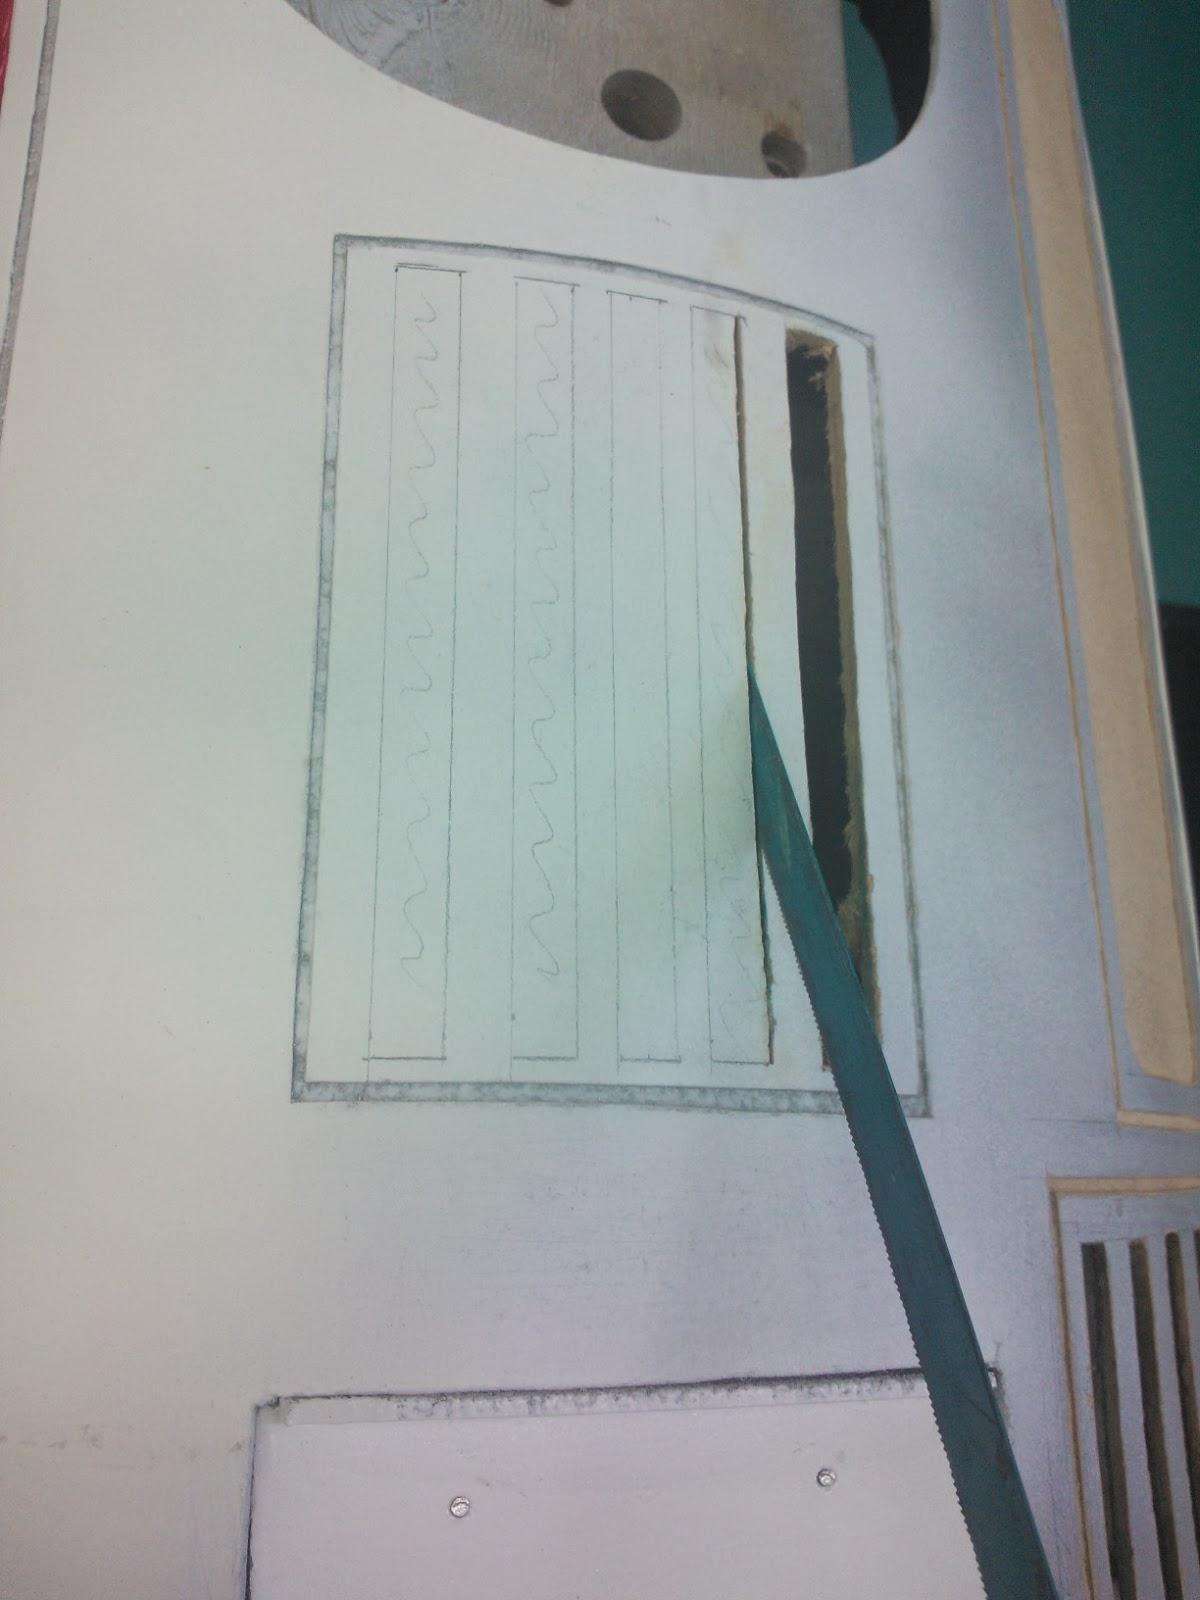 R5D4 side vent